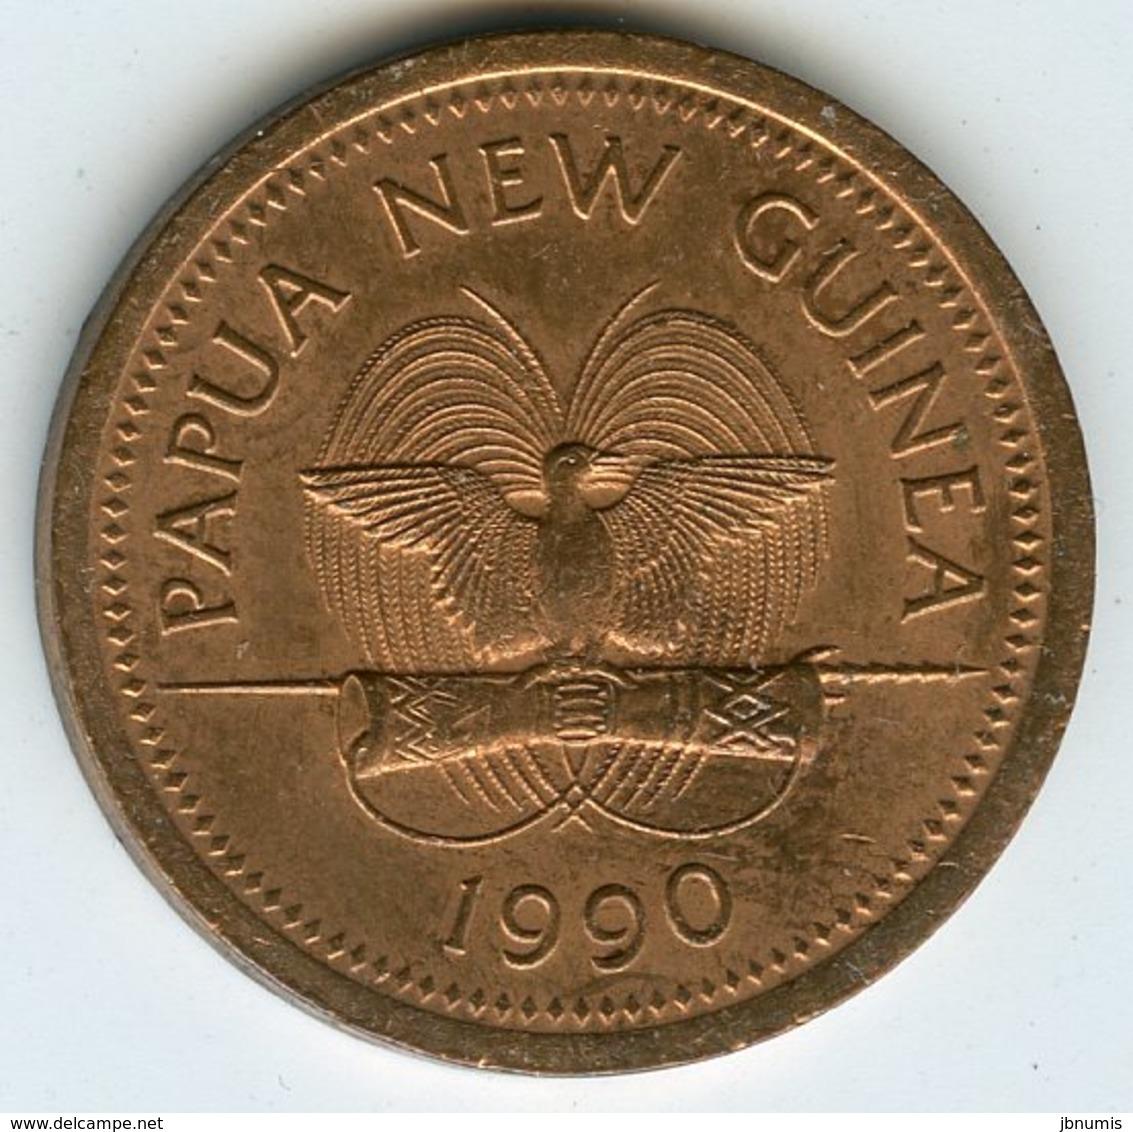 Papouasie Nouvelle Guinée Papua New Guinea 2 Toea 1990 KM 2 - Papouasie-Nouvelle-Guinée